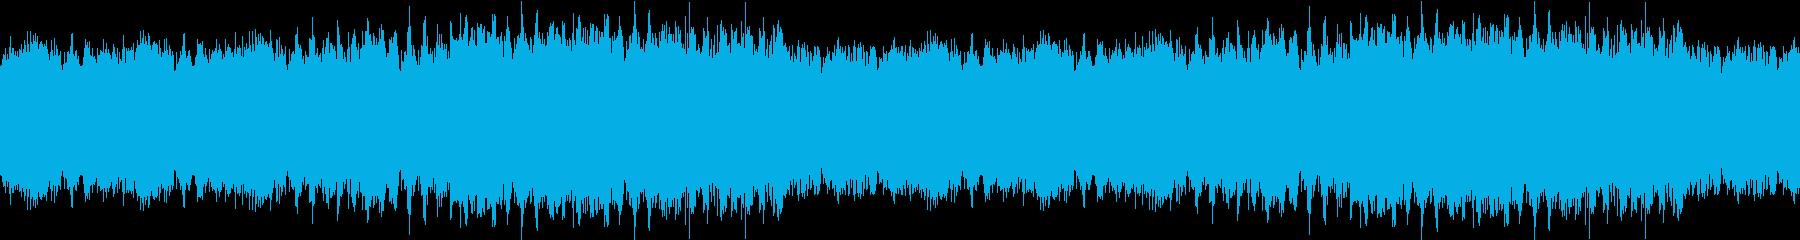 星が流れる綺麗な曲調のチップチューンの再生済みの波形